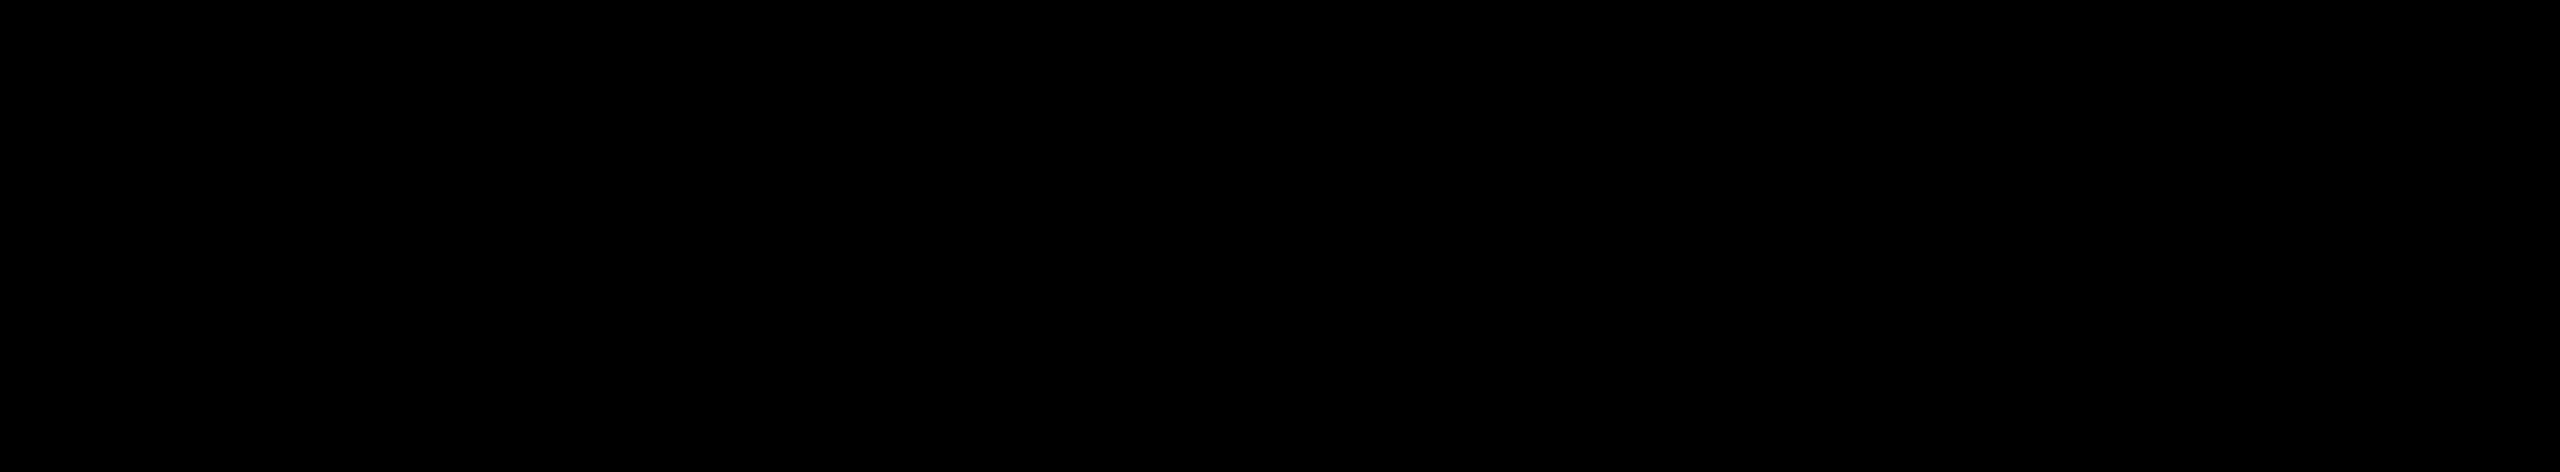 Qcera, Inc.